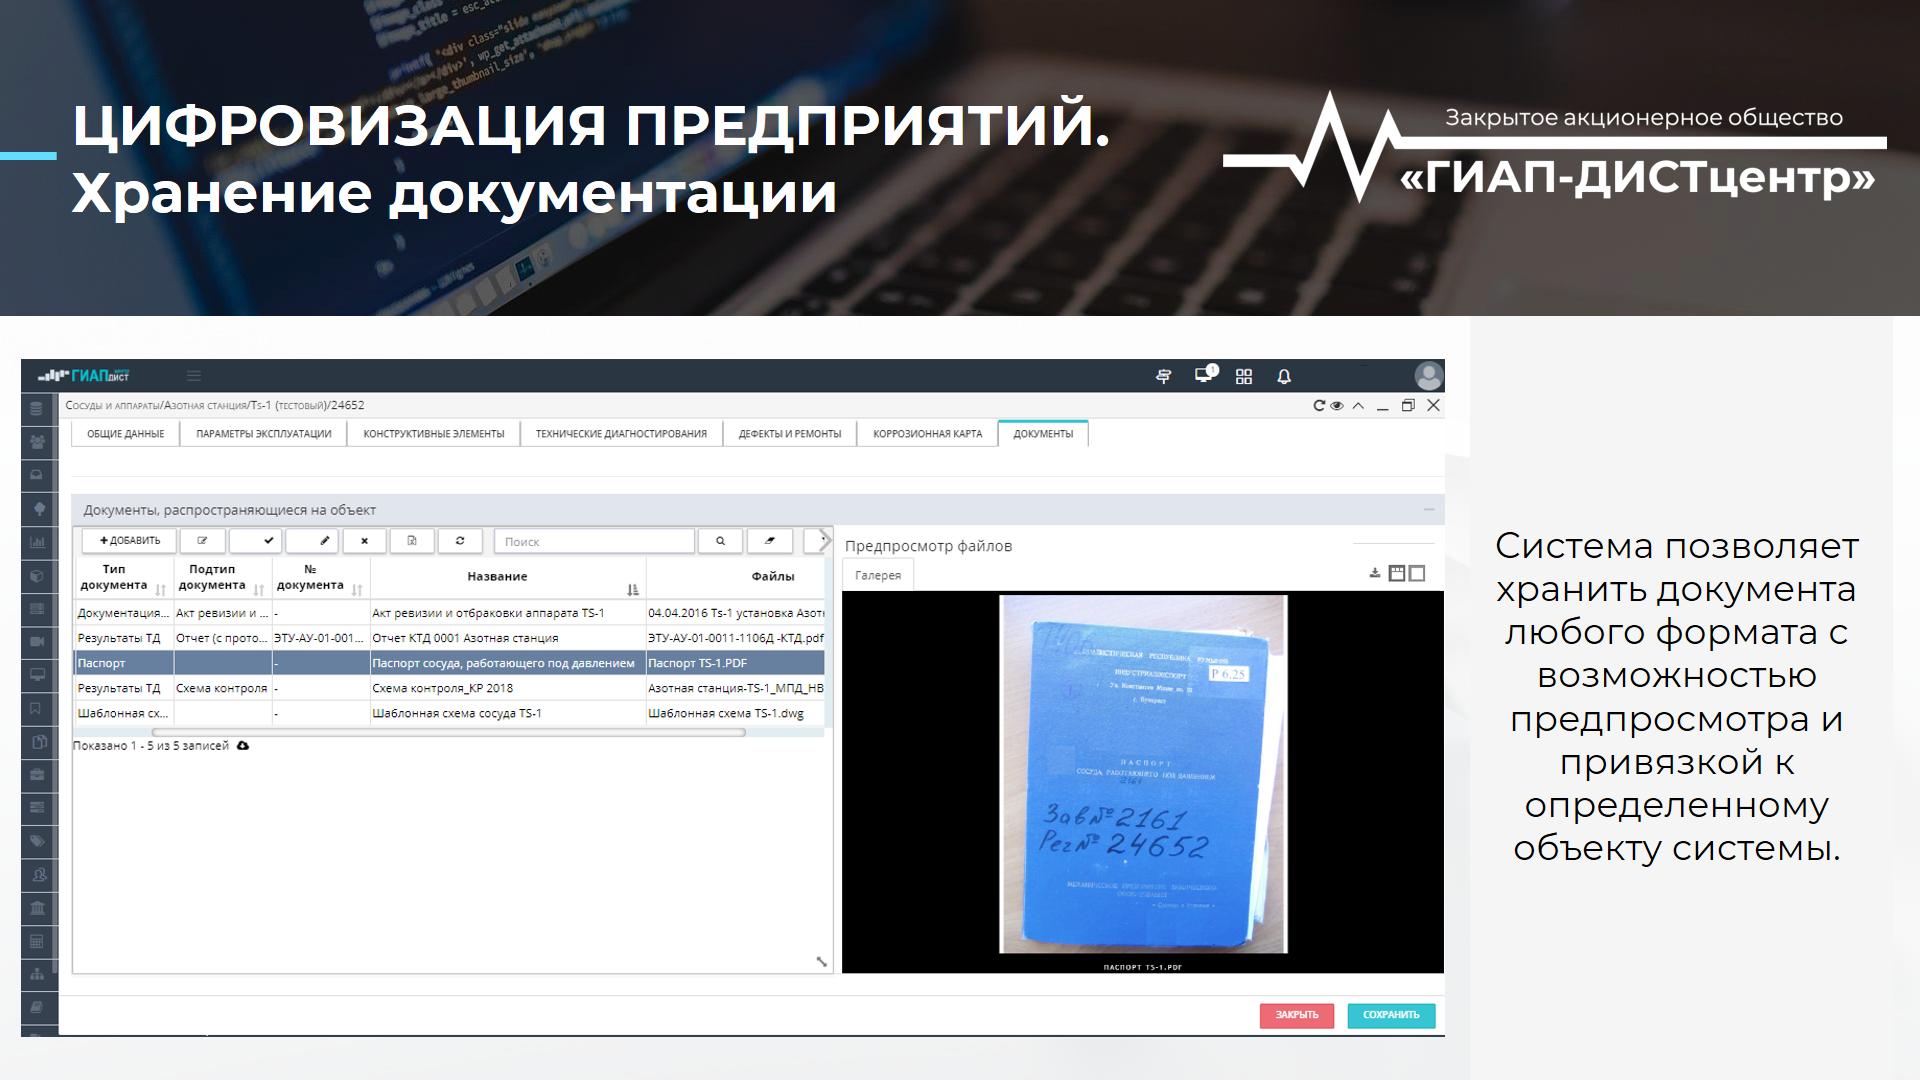 Цифровизация и хранение документации